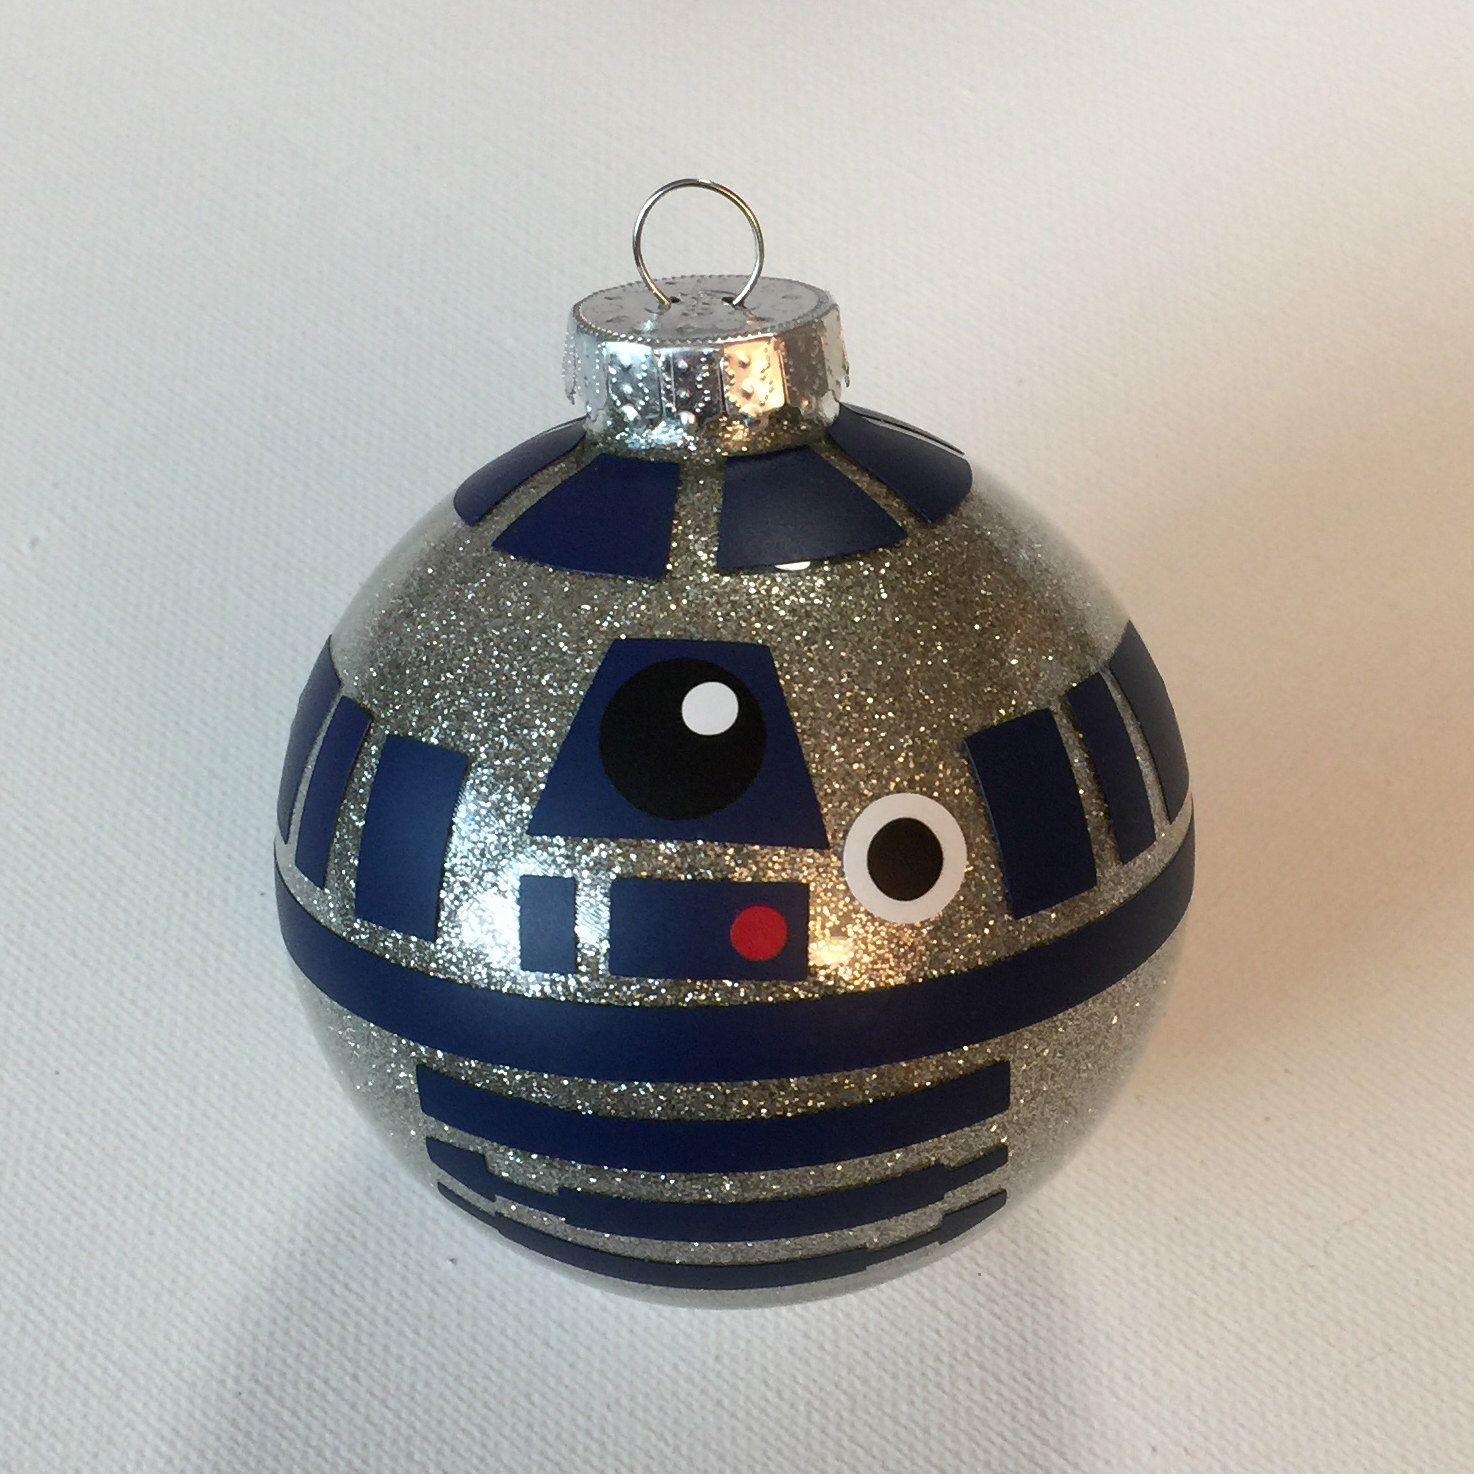 Star Wars Inspired R2d2 Christmas Glitter Ornament 3 25 Etsy Star Wars Christmas Ornaments Christmas Glitter Ornaments Star Wars Christmas Tree